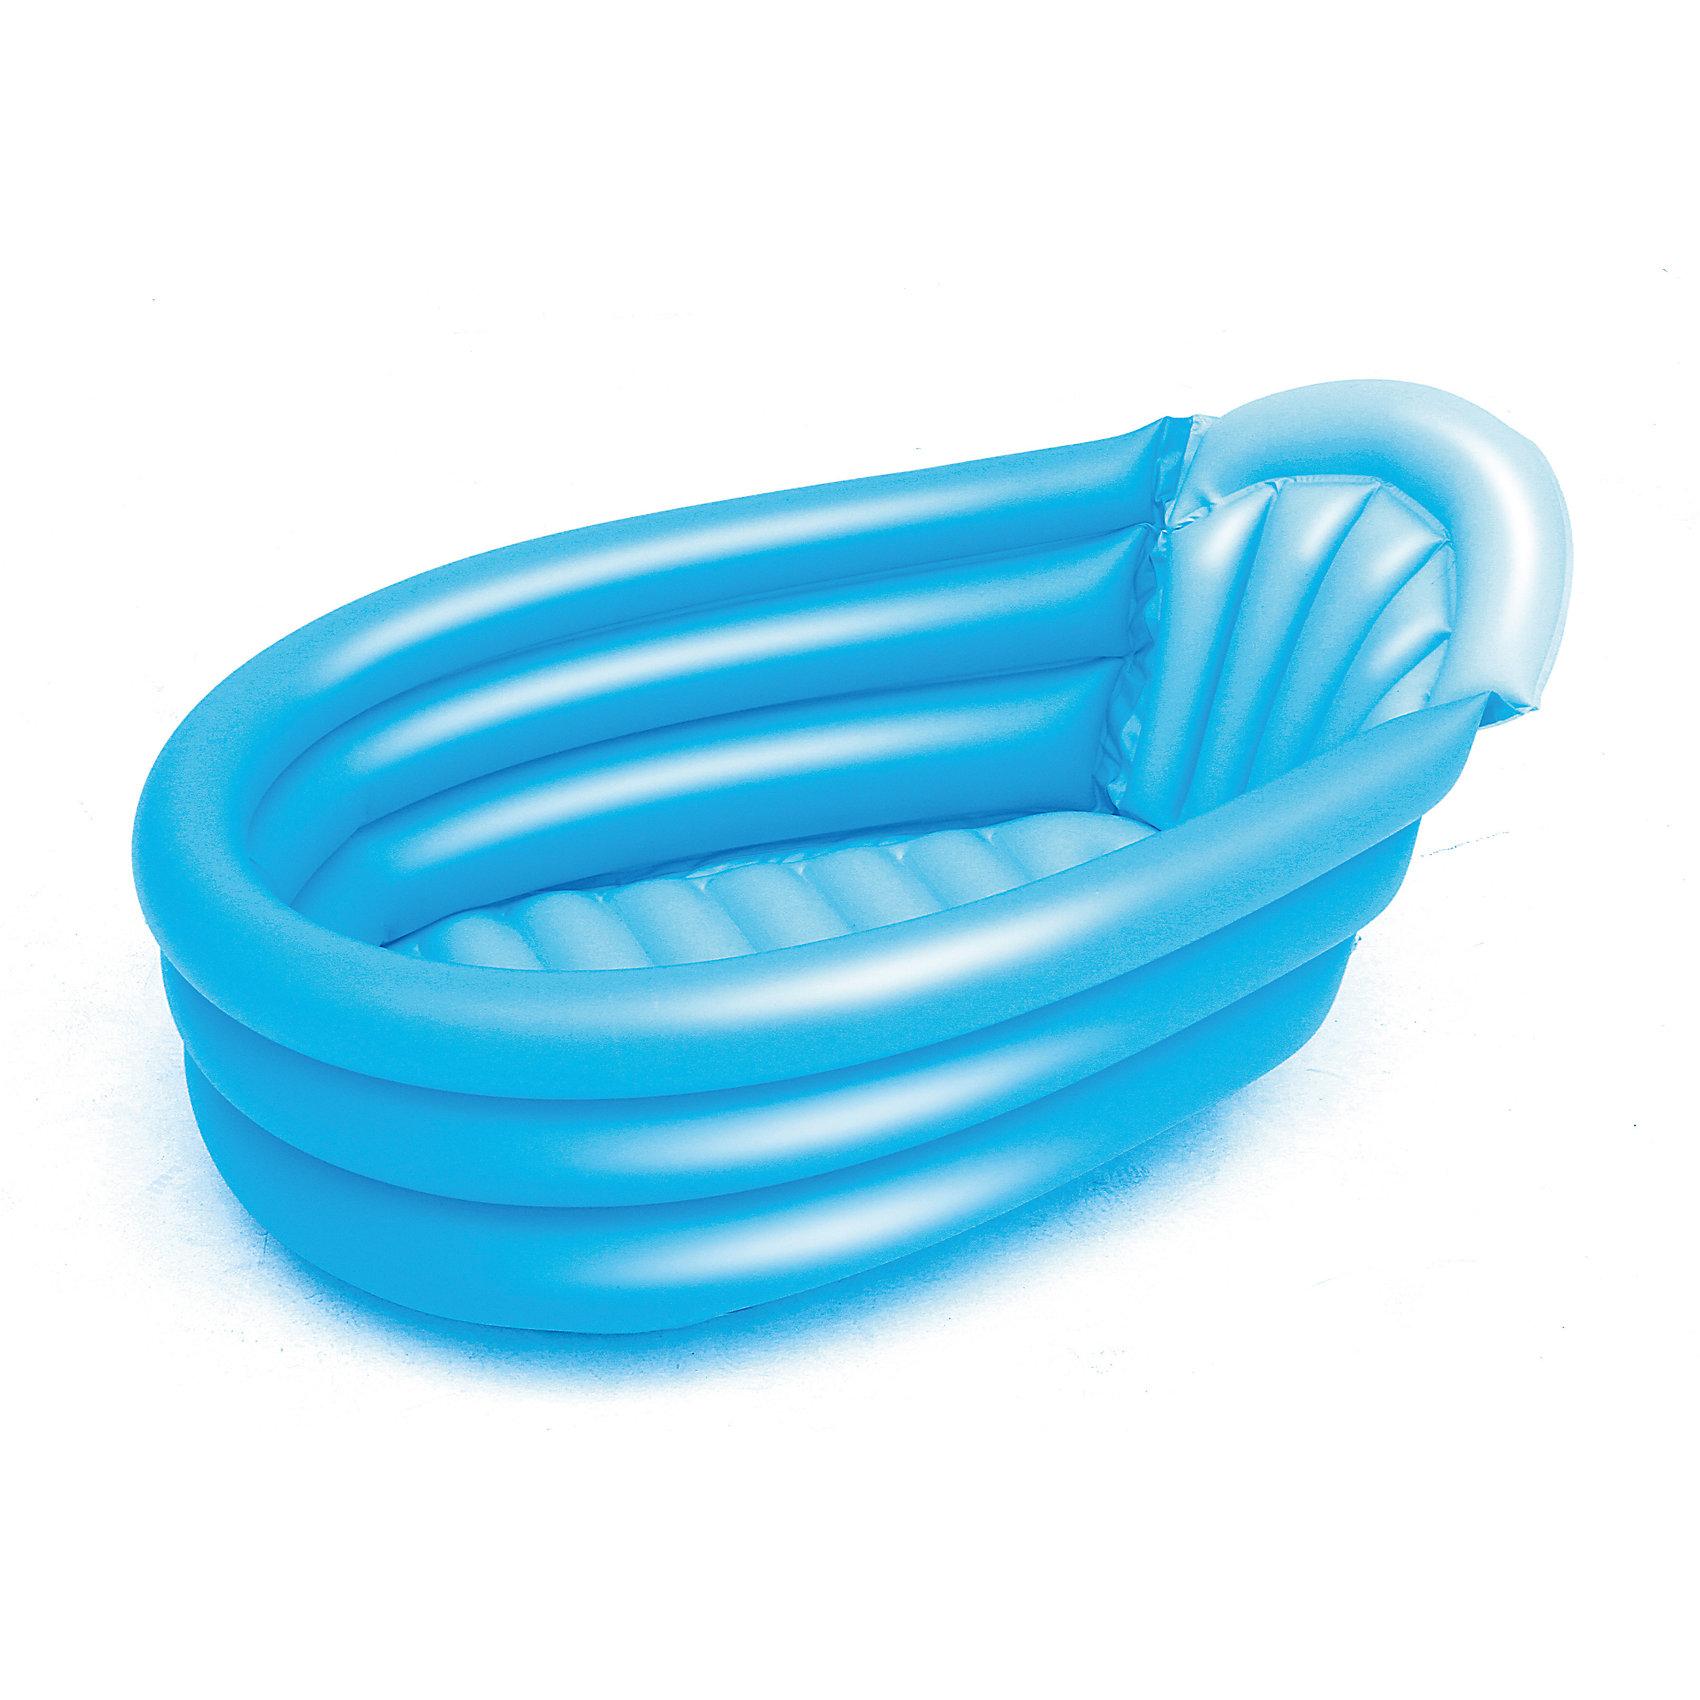 Надувной бассейн для младенцев, голубой, Bestway